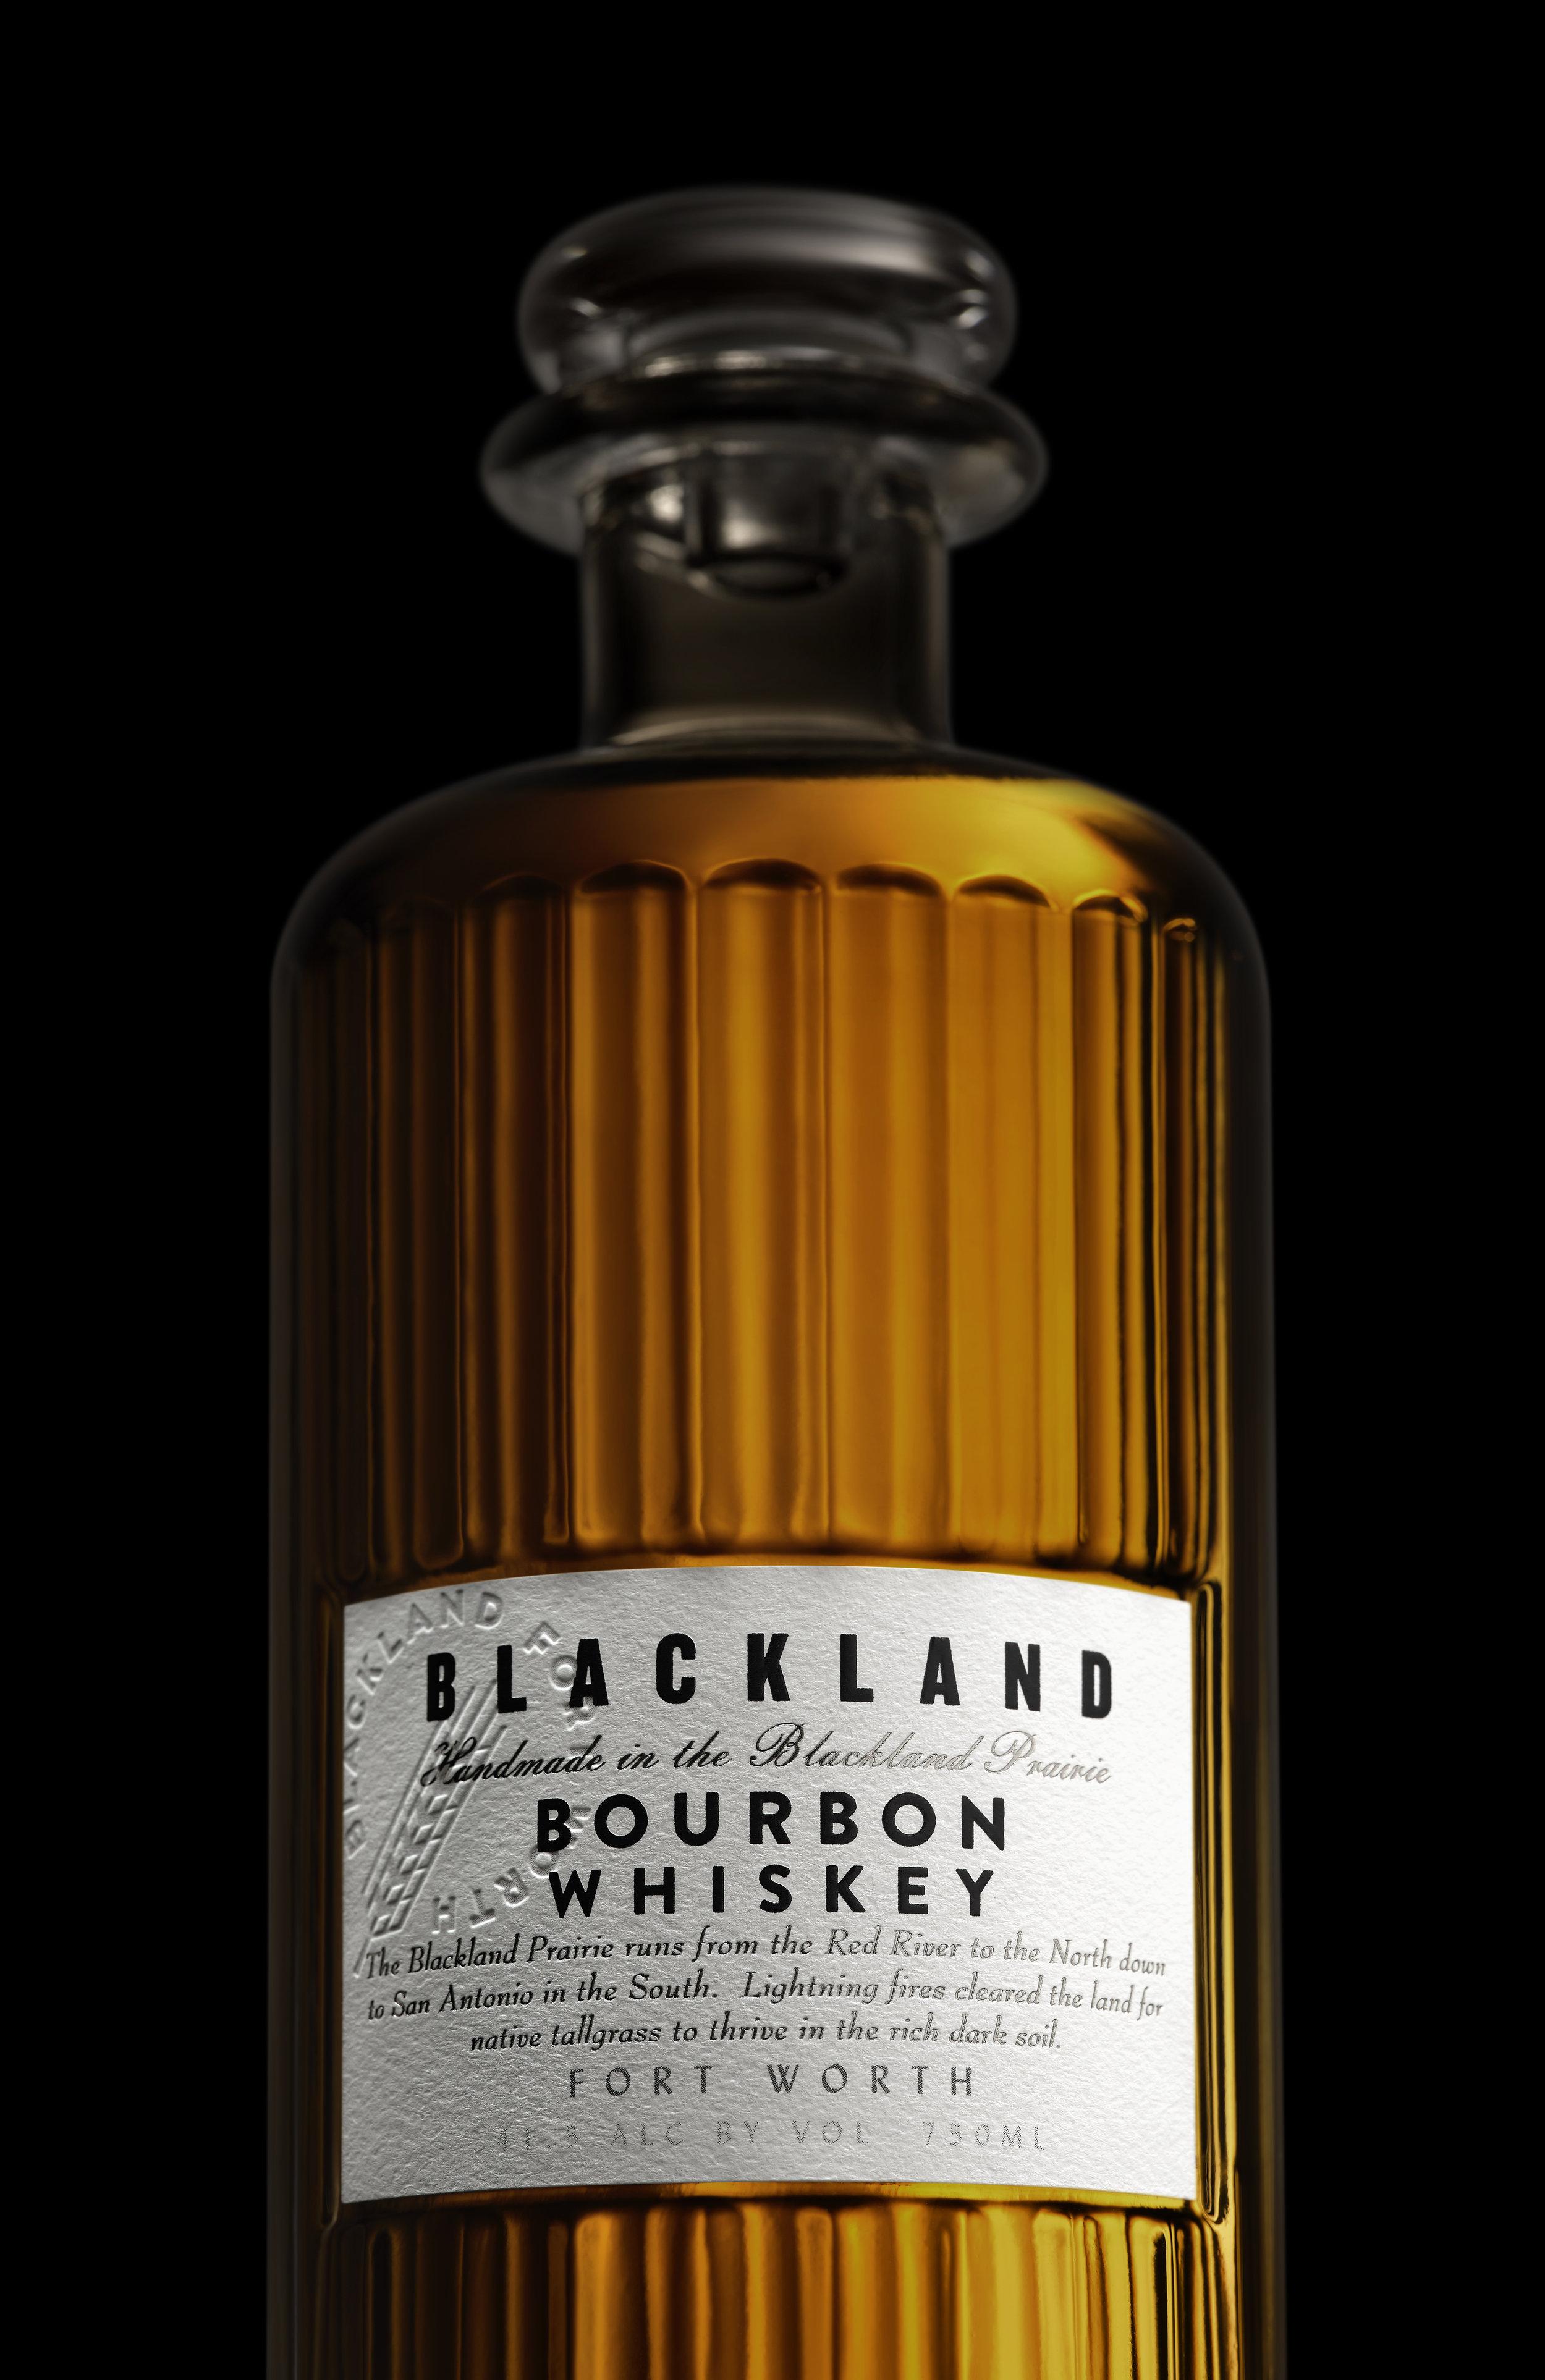 Dando_Blackland_Bourbon_F copy copy.jpg